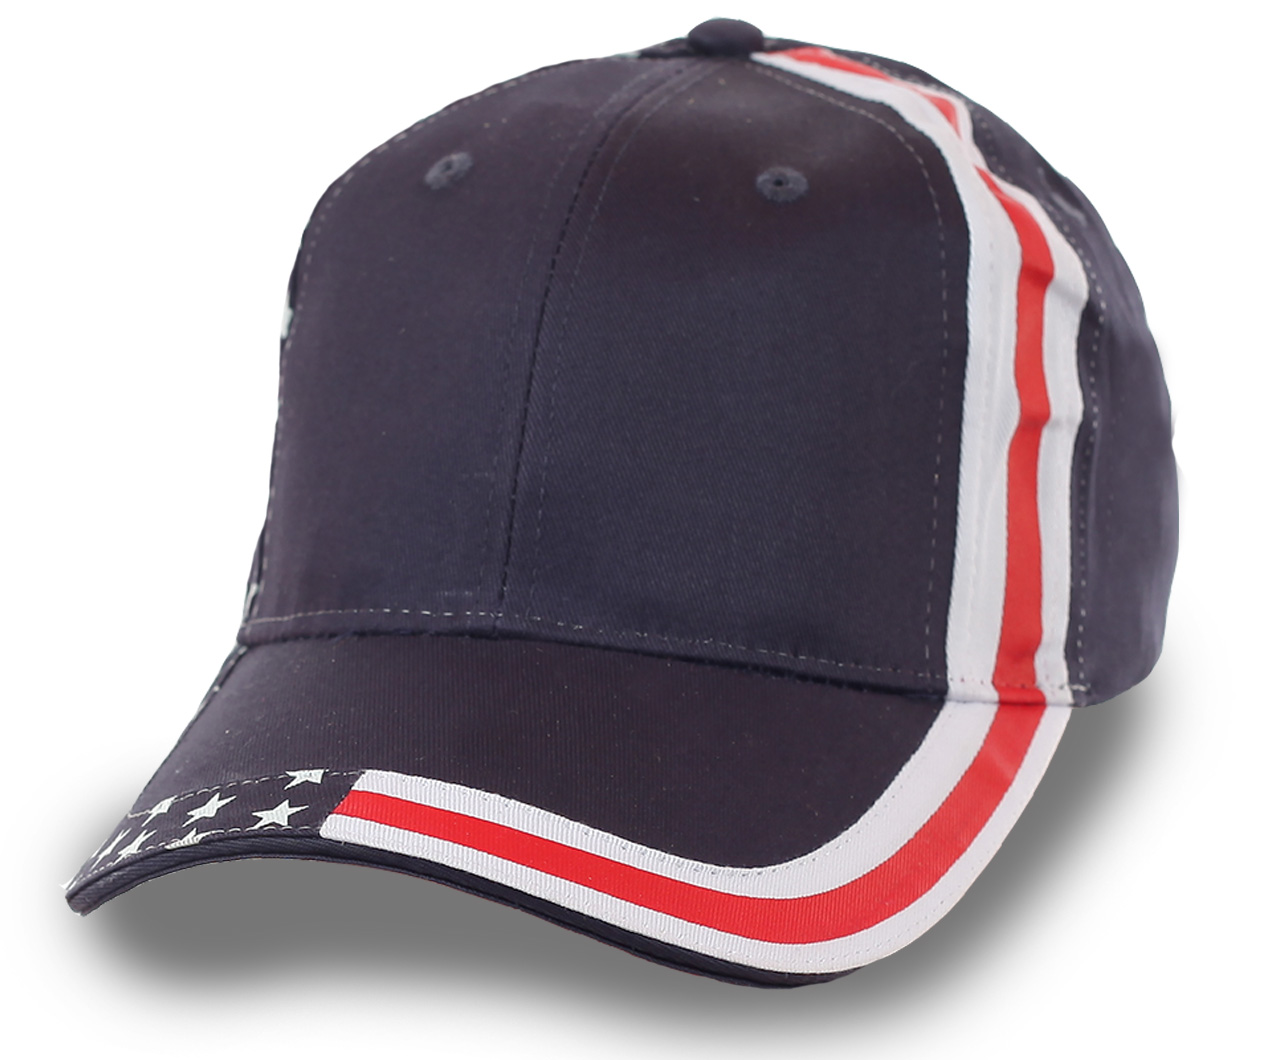 Бейсболка со стилизованным флагом USA – идеально выкроенный головной убор идёт ВСЕМ мужчинам! Точка!